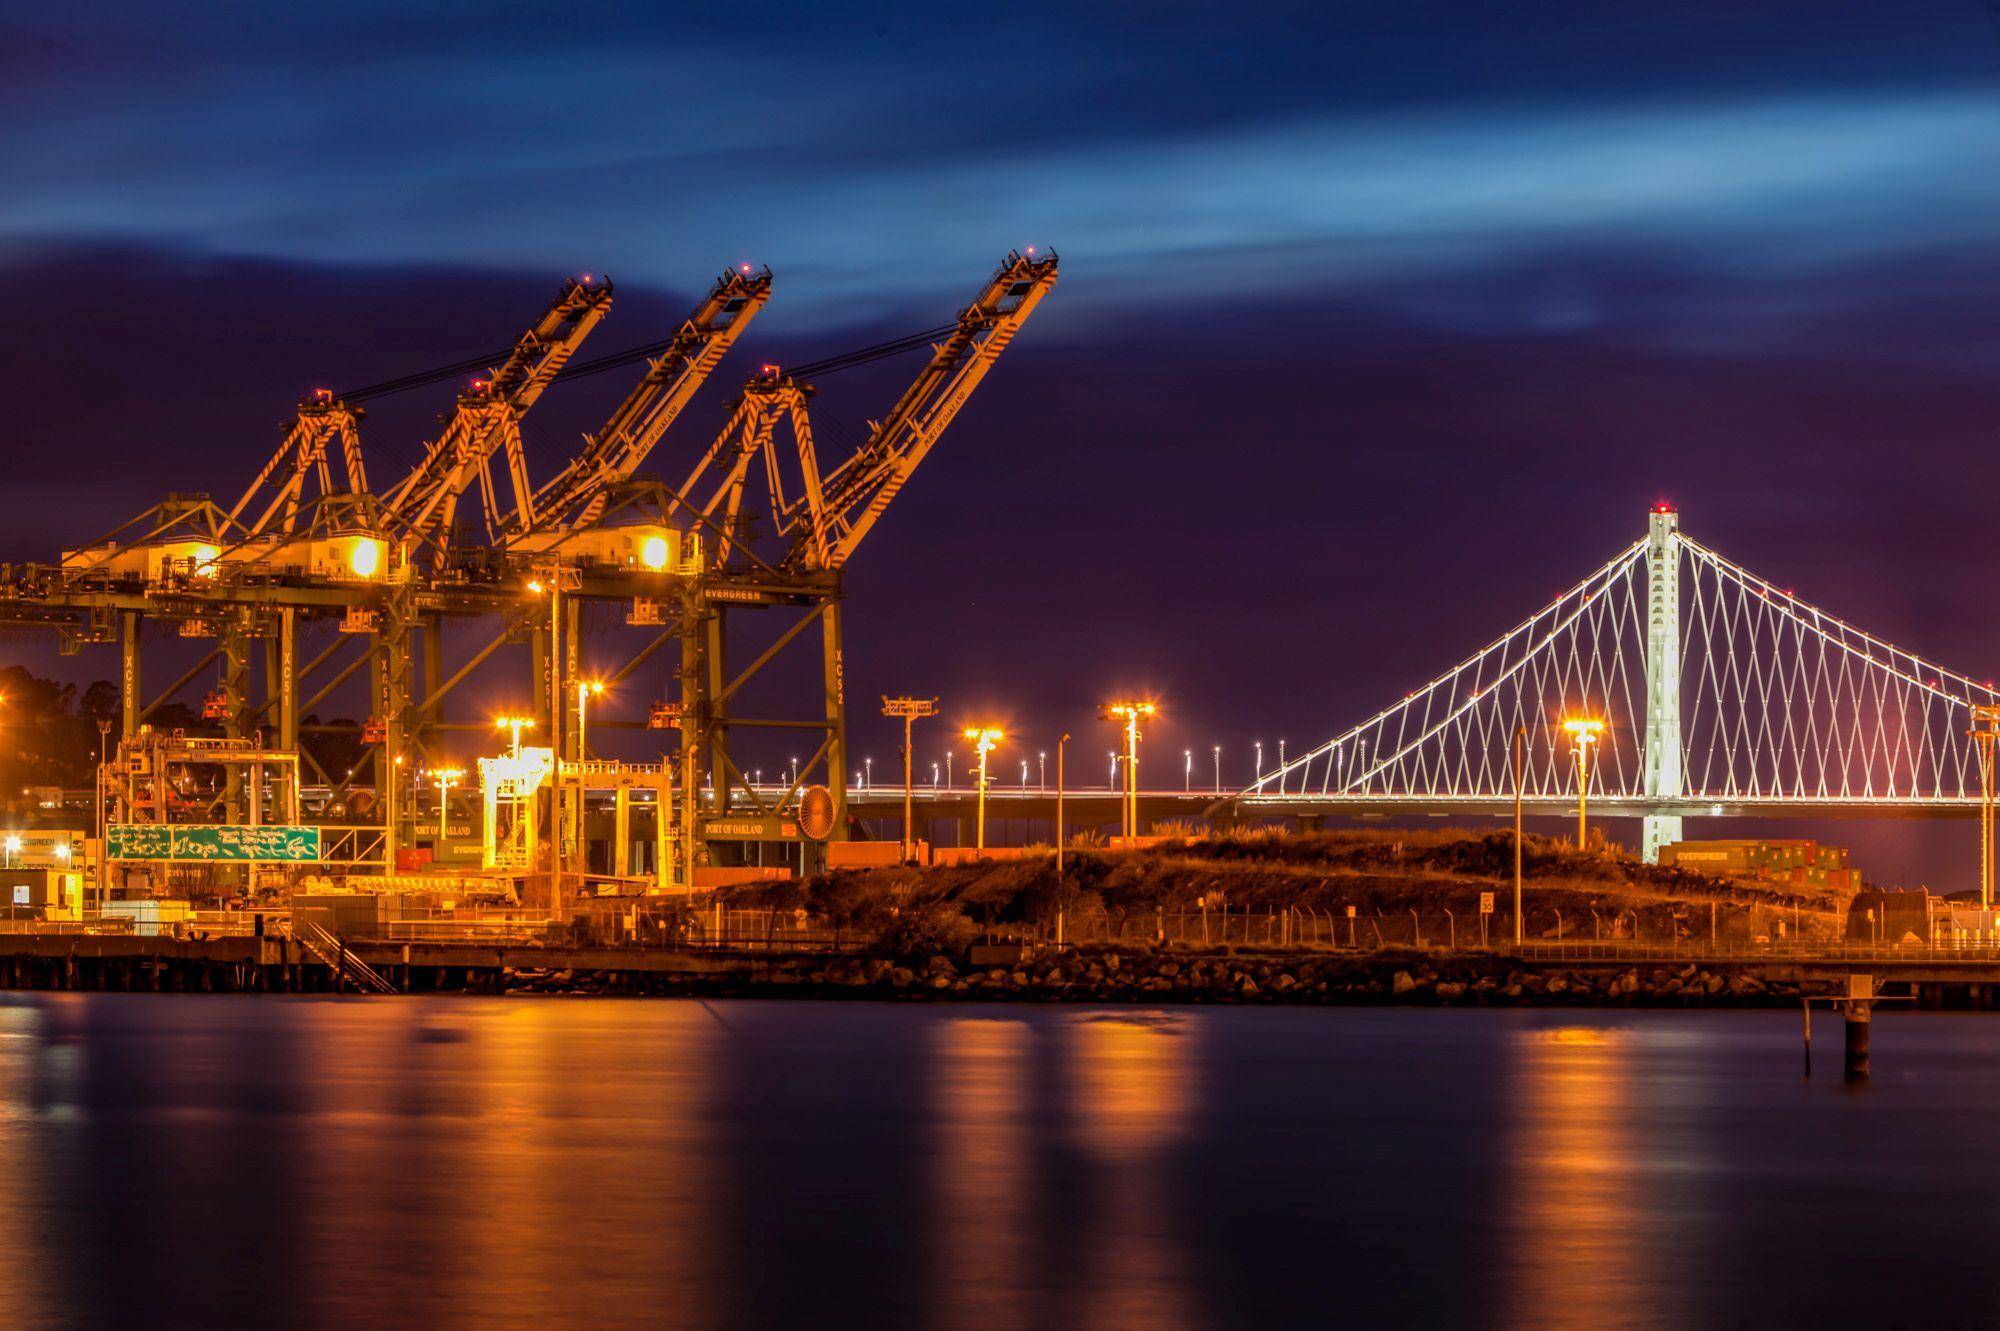 Port of Oakland Night Shoot